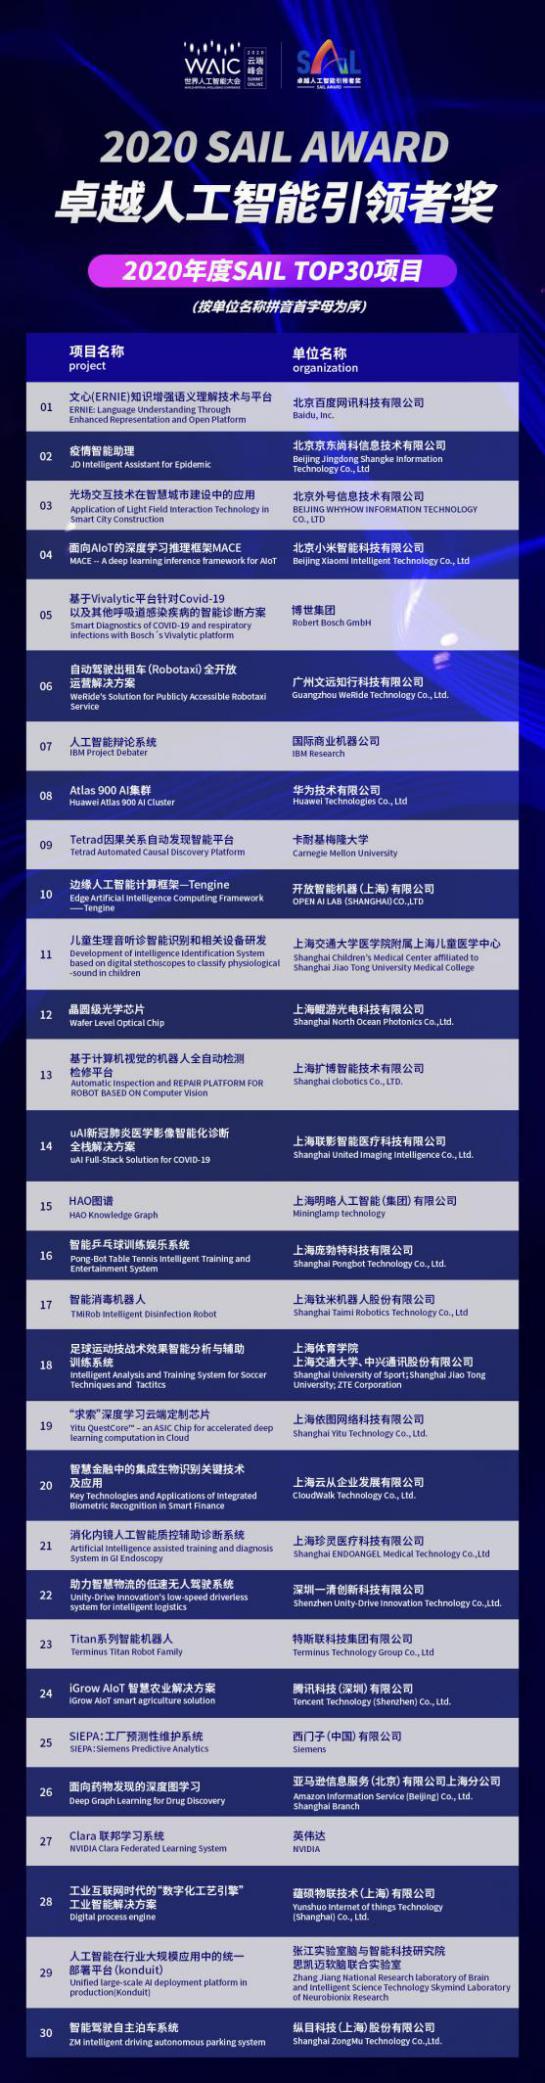 世界人工智能大会最高荣誉——2020 SAIL 奖TOP 30项目出炉